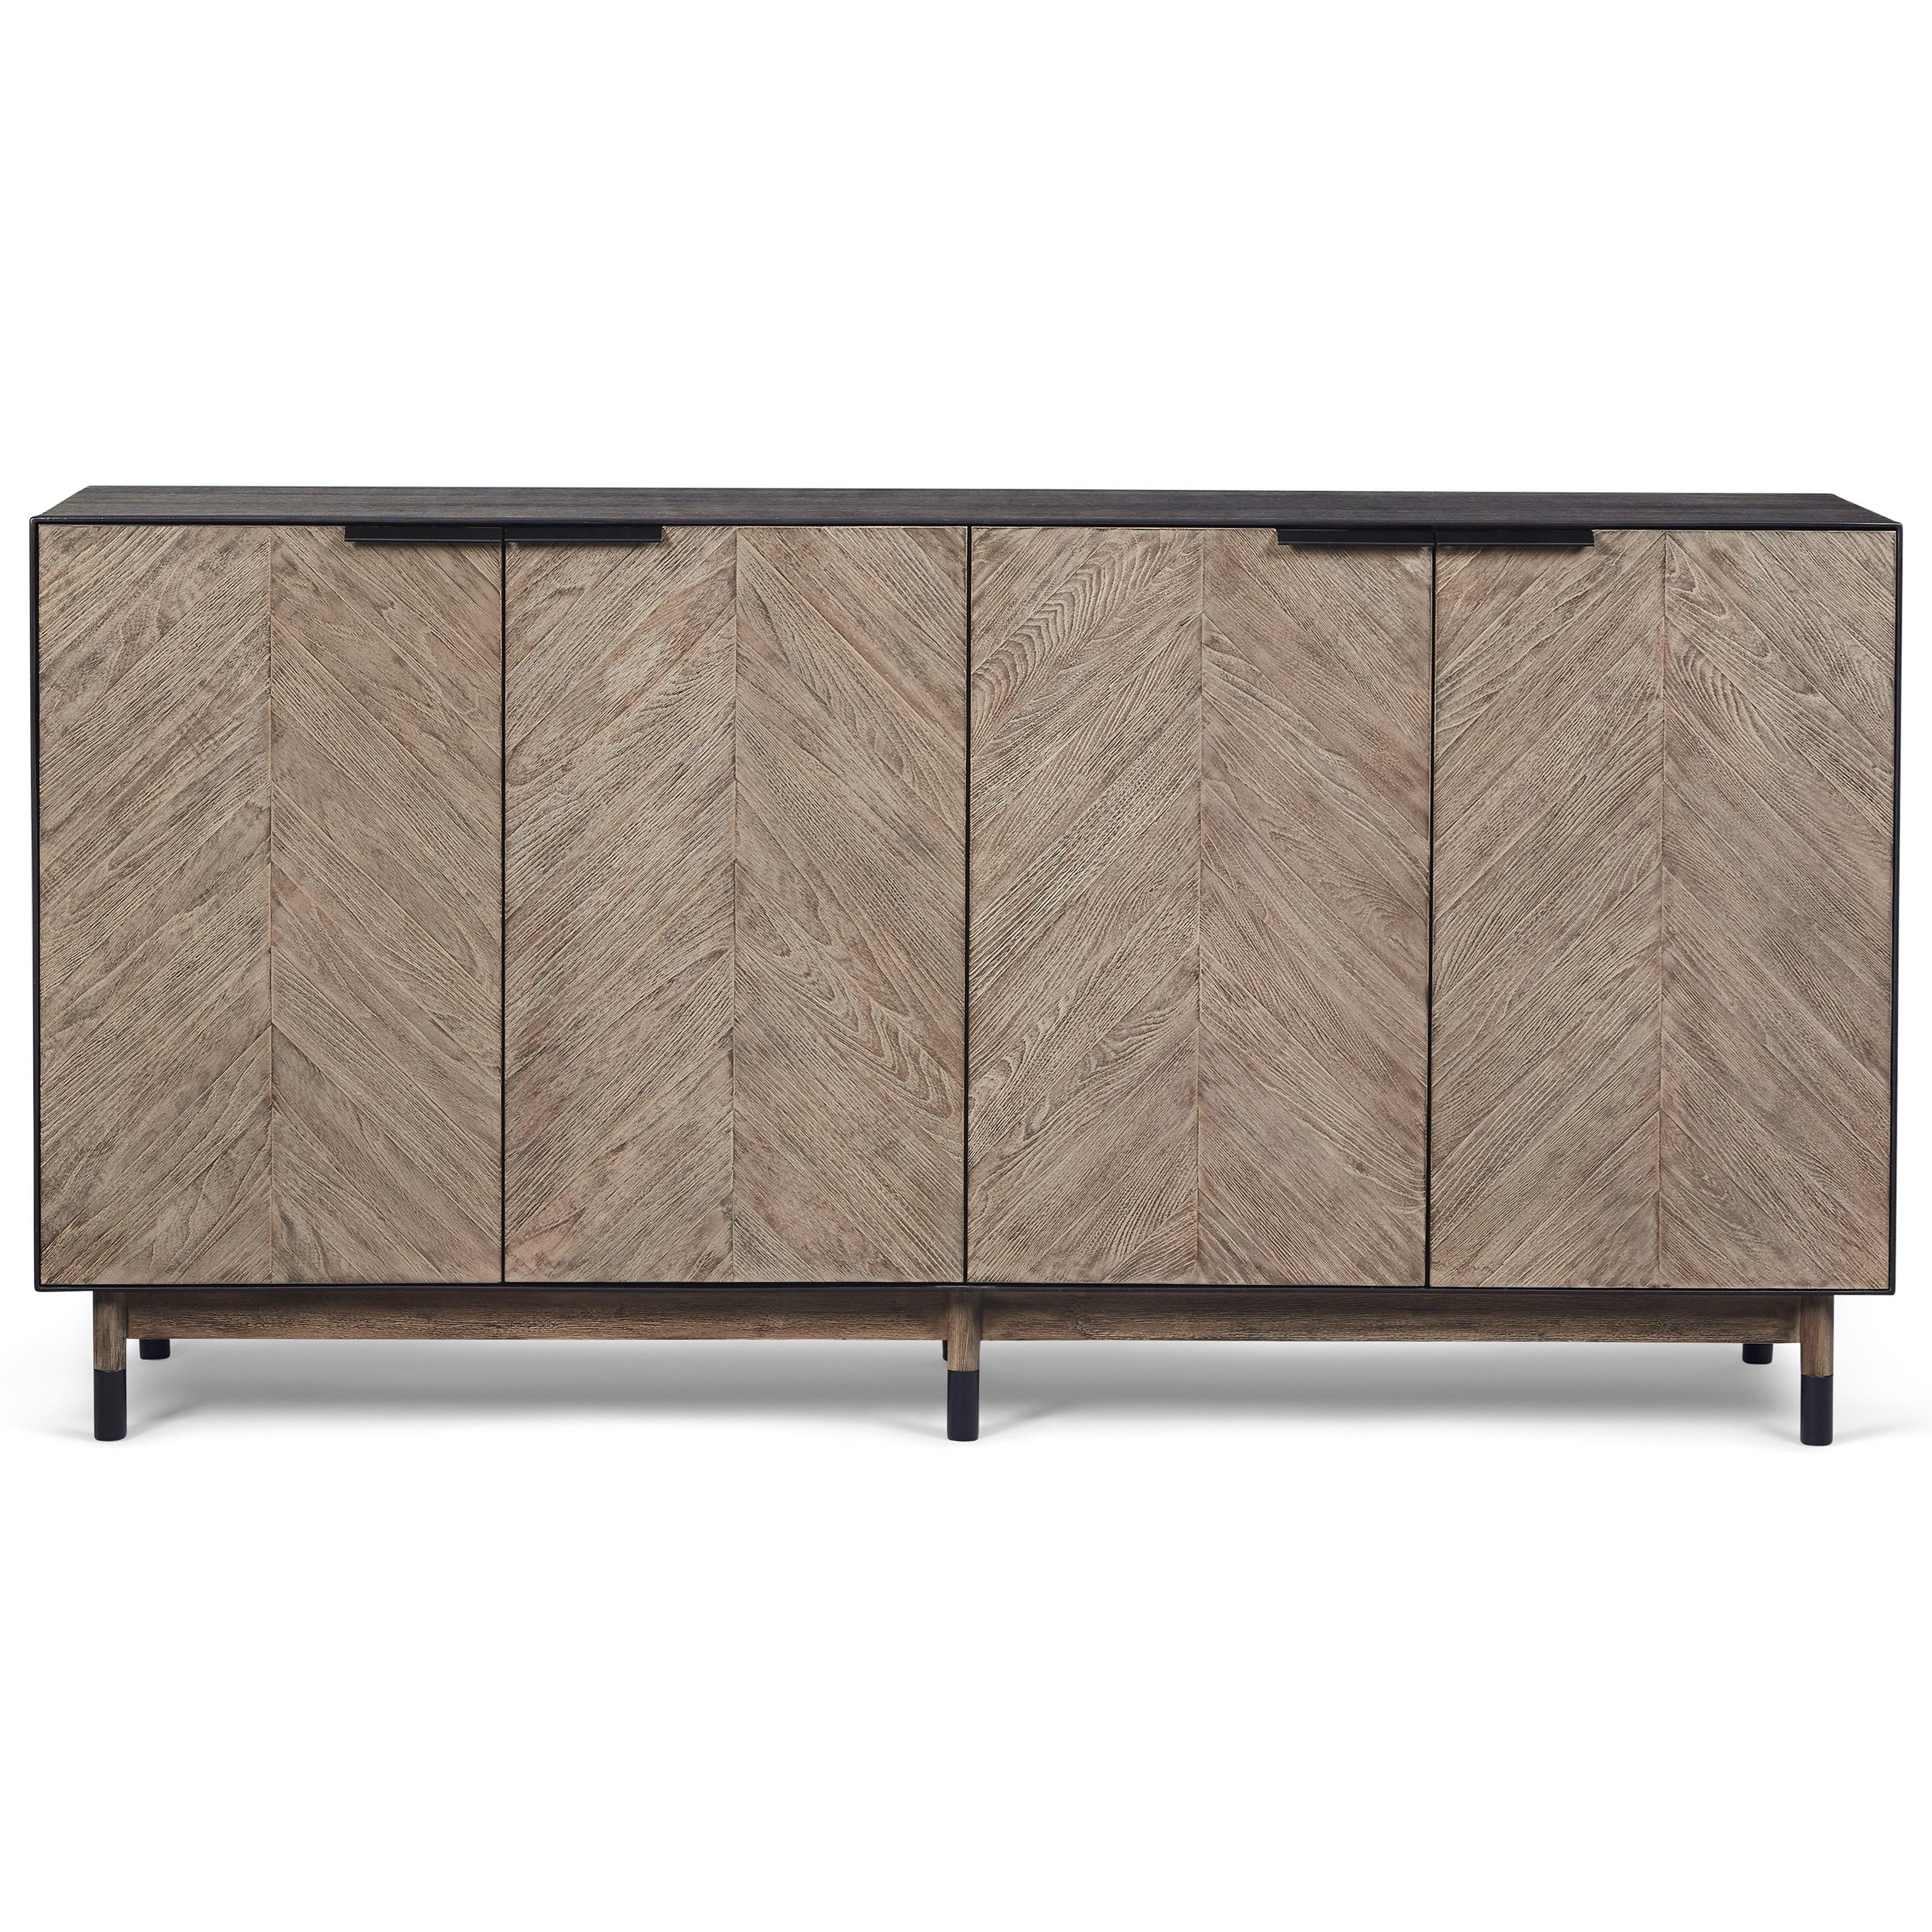 Belfort signature rainey street cedar park sideboard with for Cedar park furniture